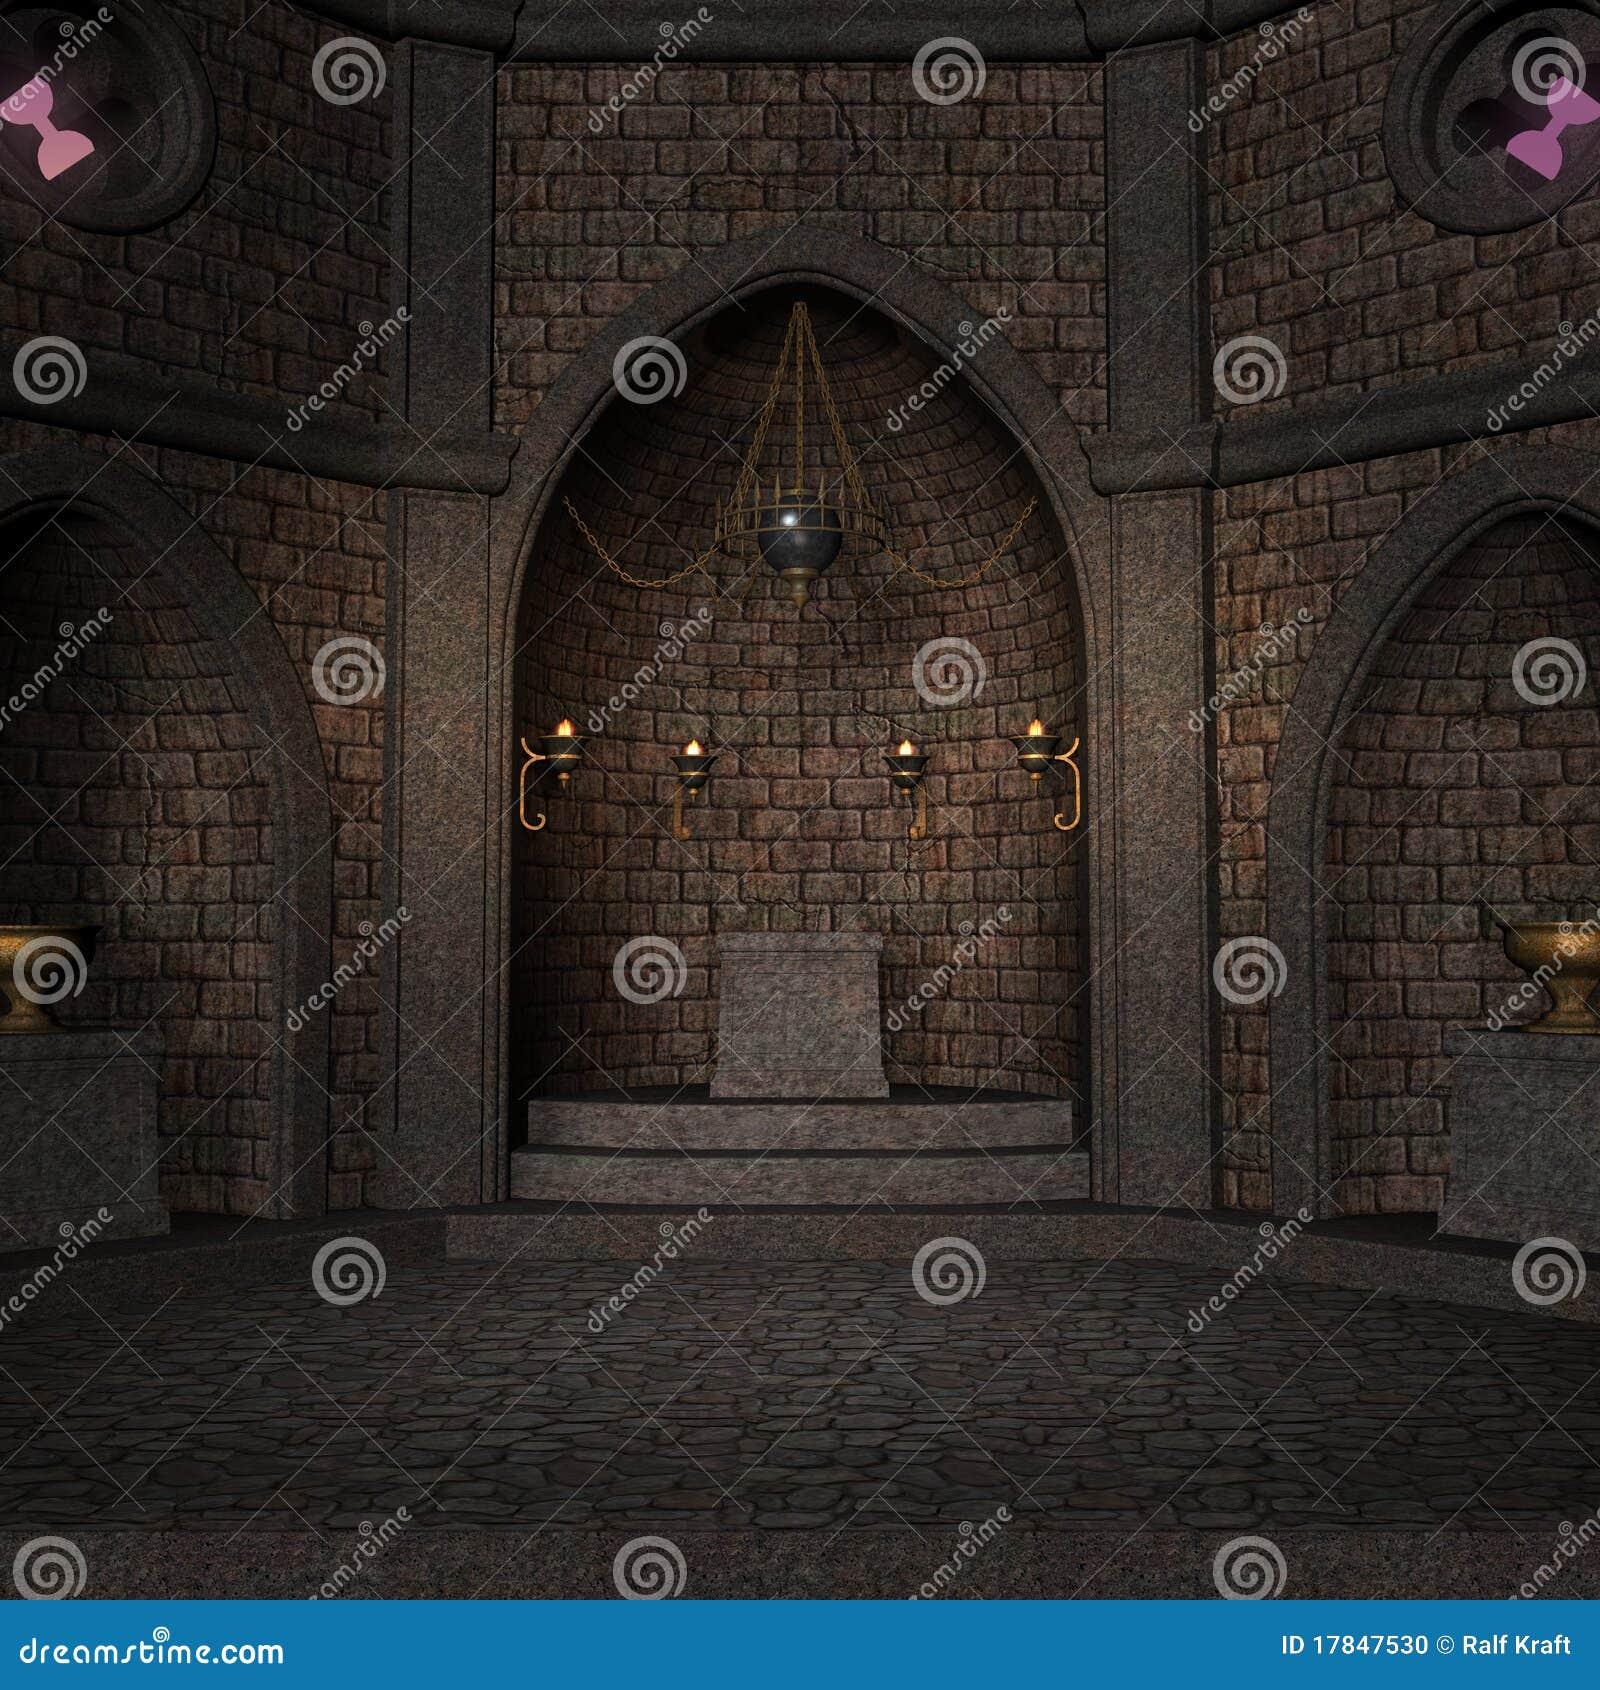 Archaïsch altaar of heiligdom in fantasie het plaatsen